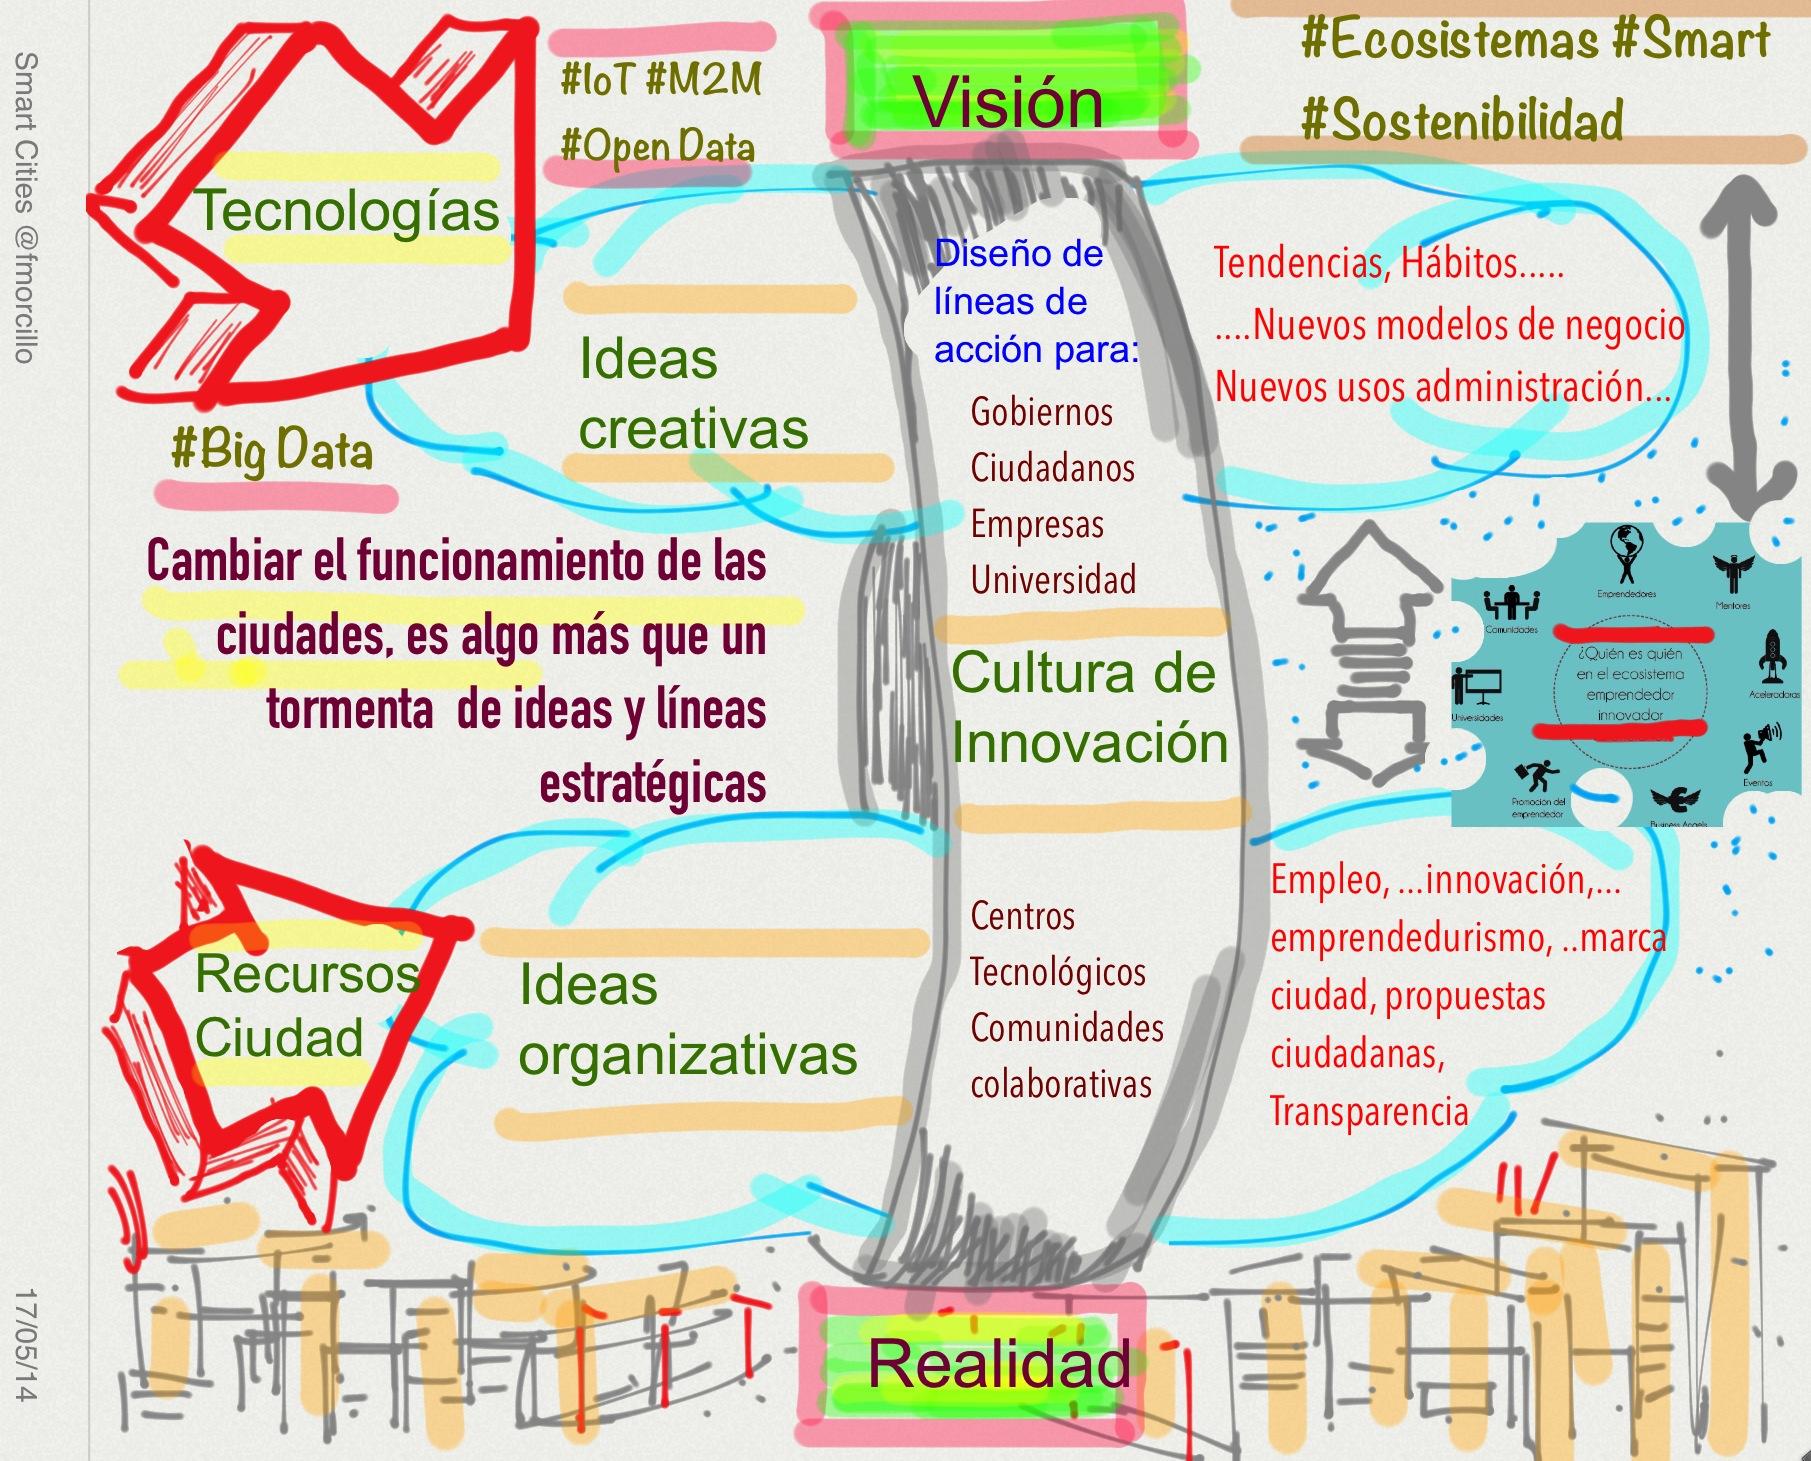 Visión y realidad #smarcity